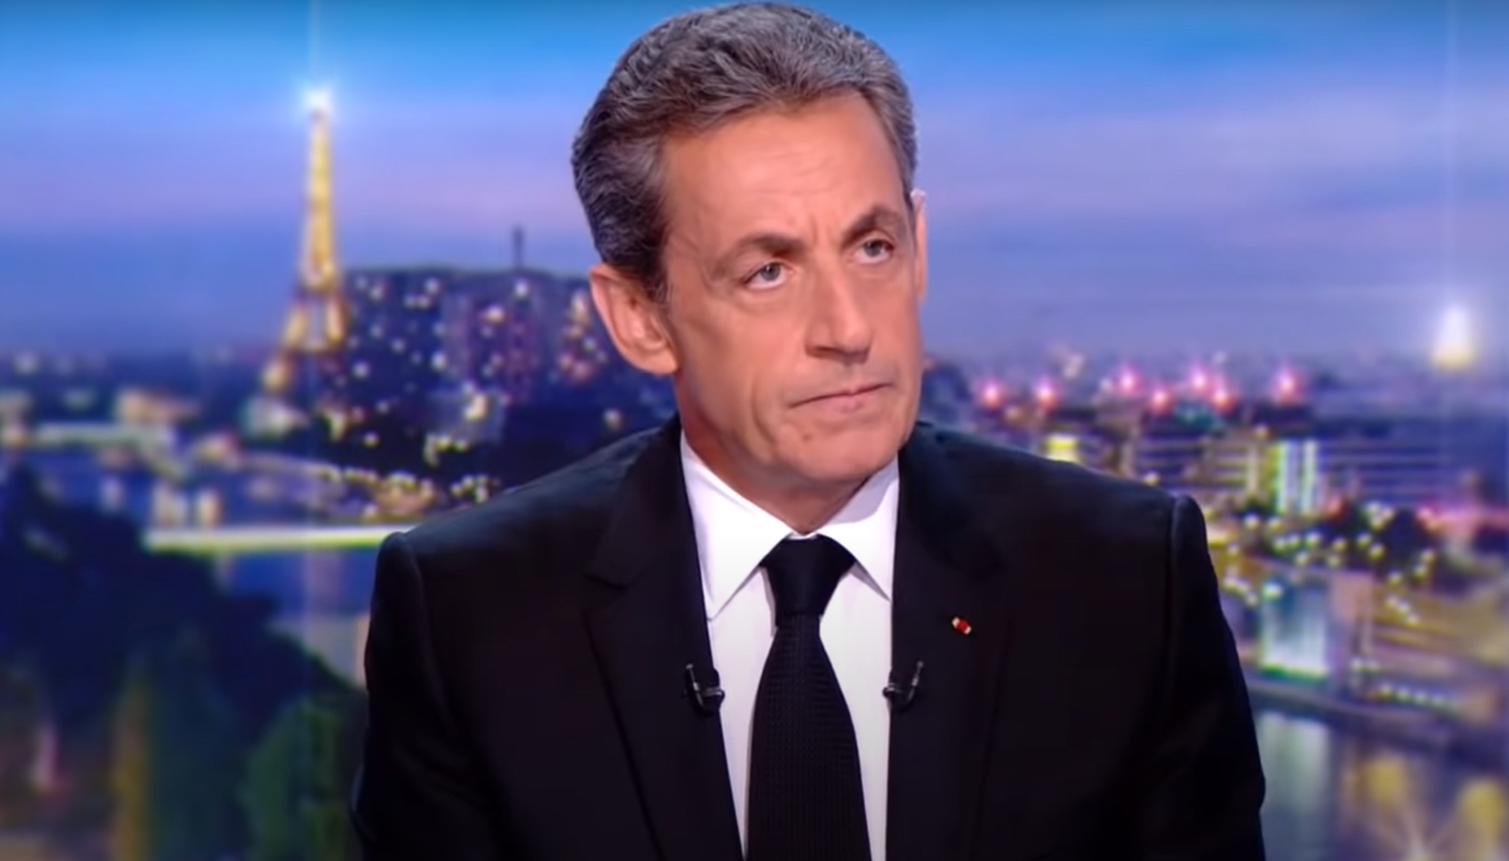 французский государственный деятель, экс-президент Франции Николя Саркози